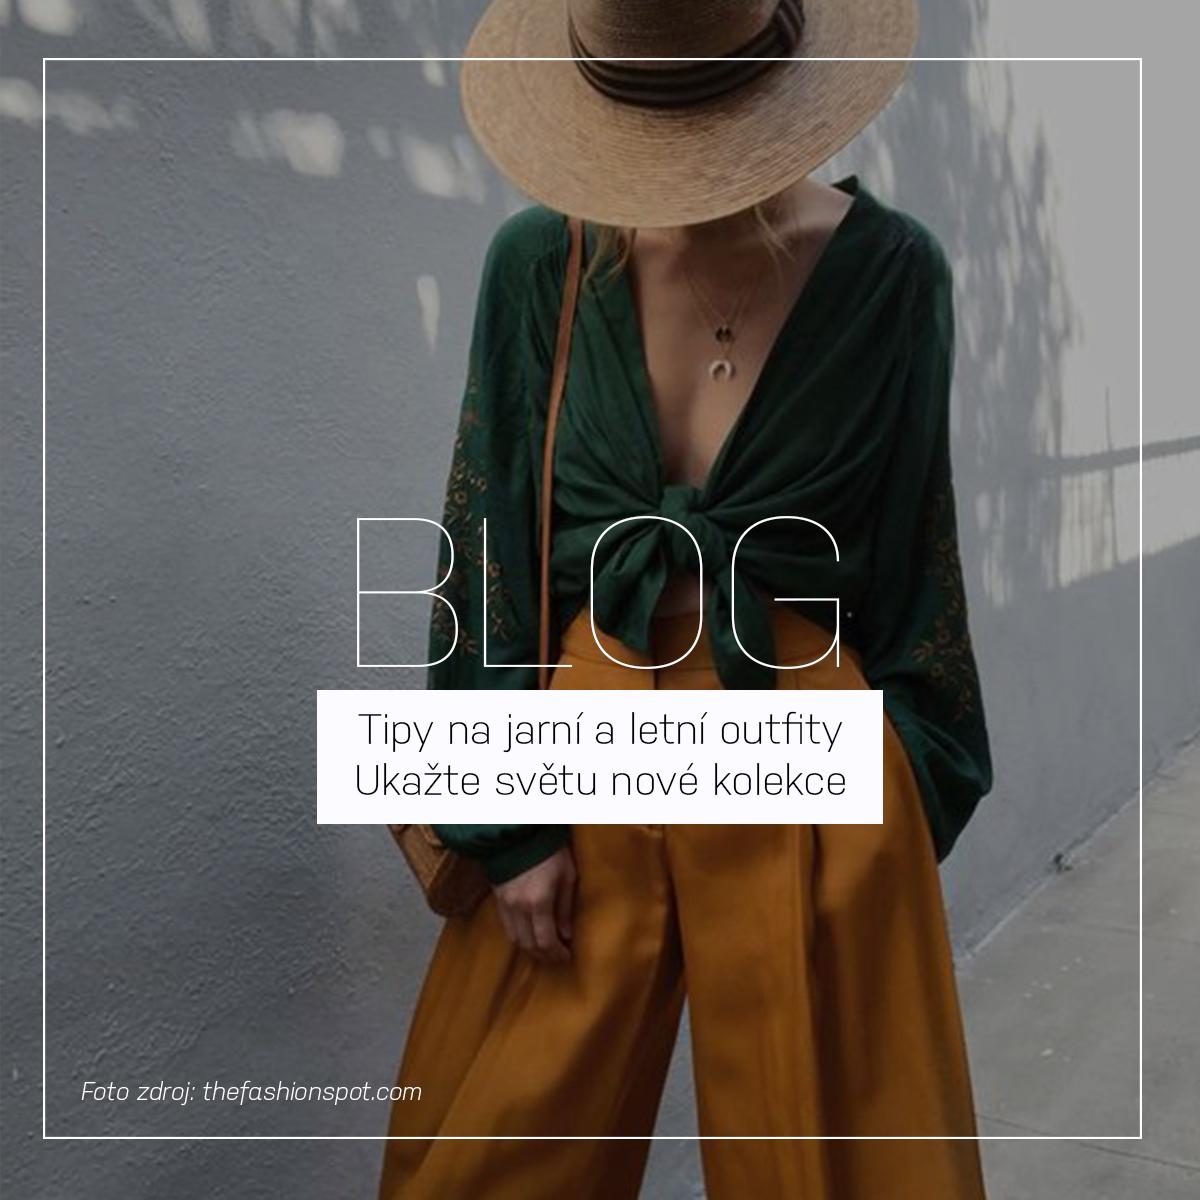 Tipy na jarní a letní outfity | Ukažte světu nové kolekce